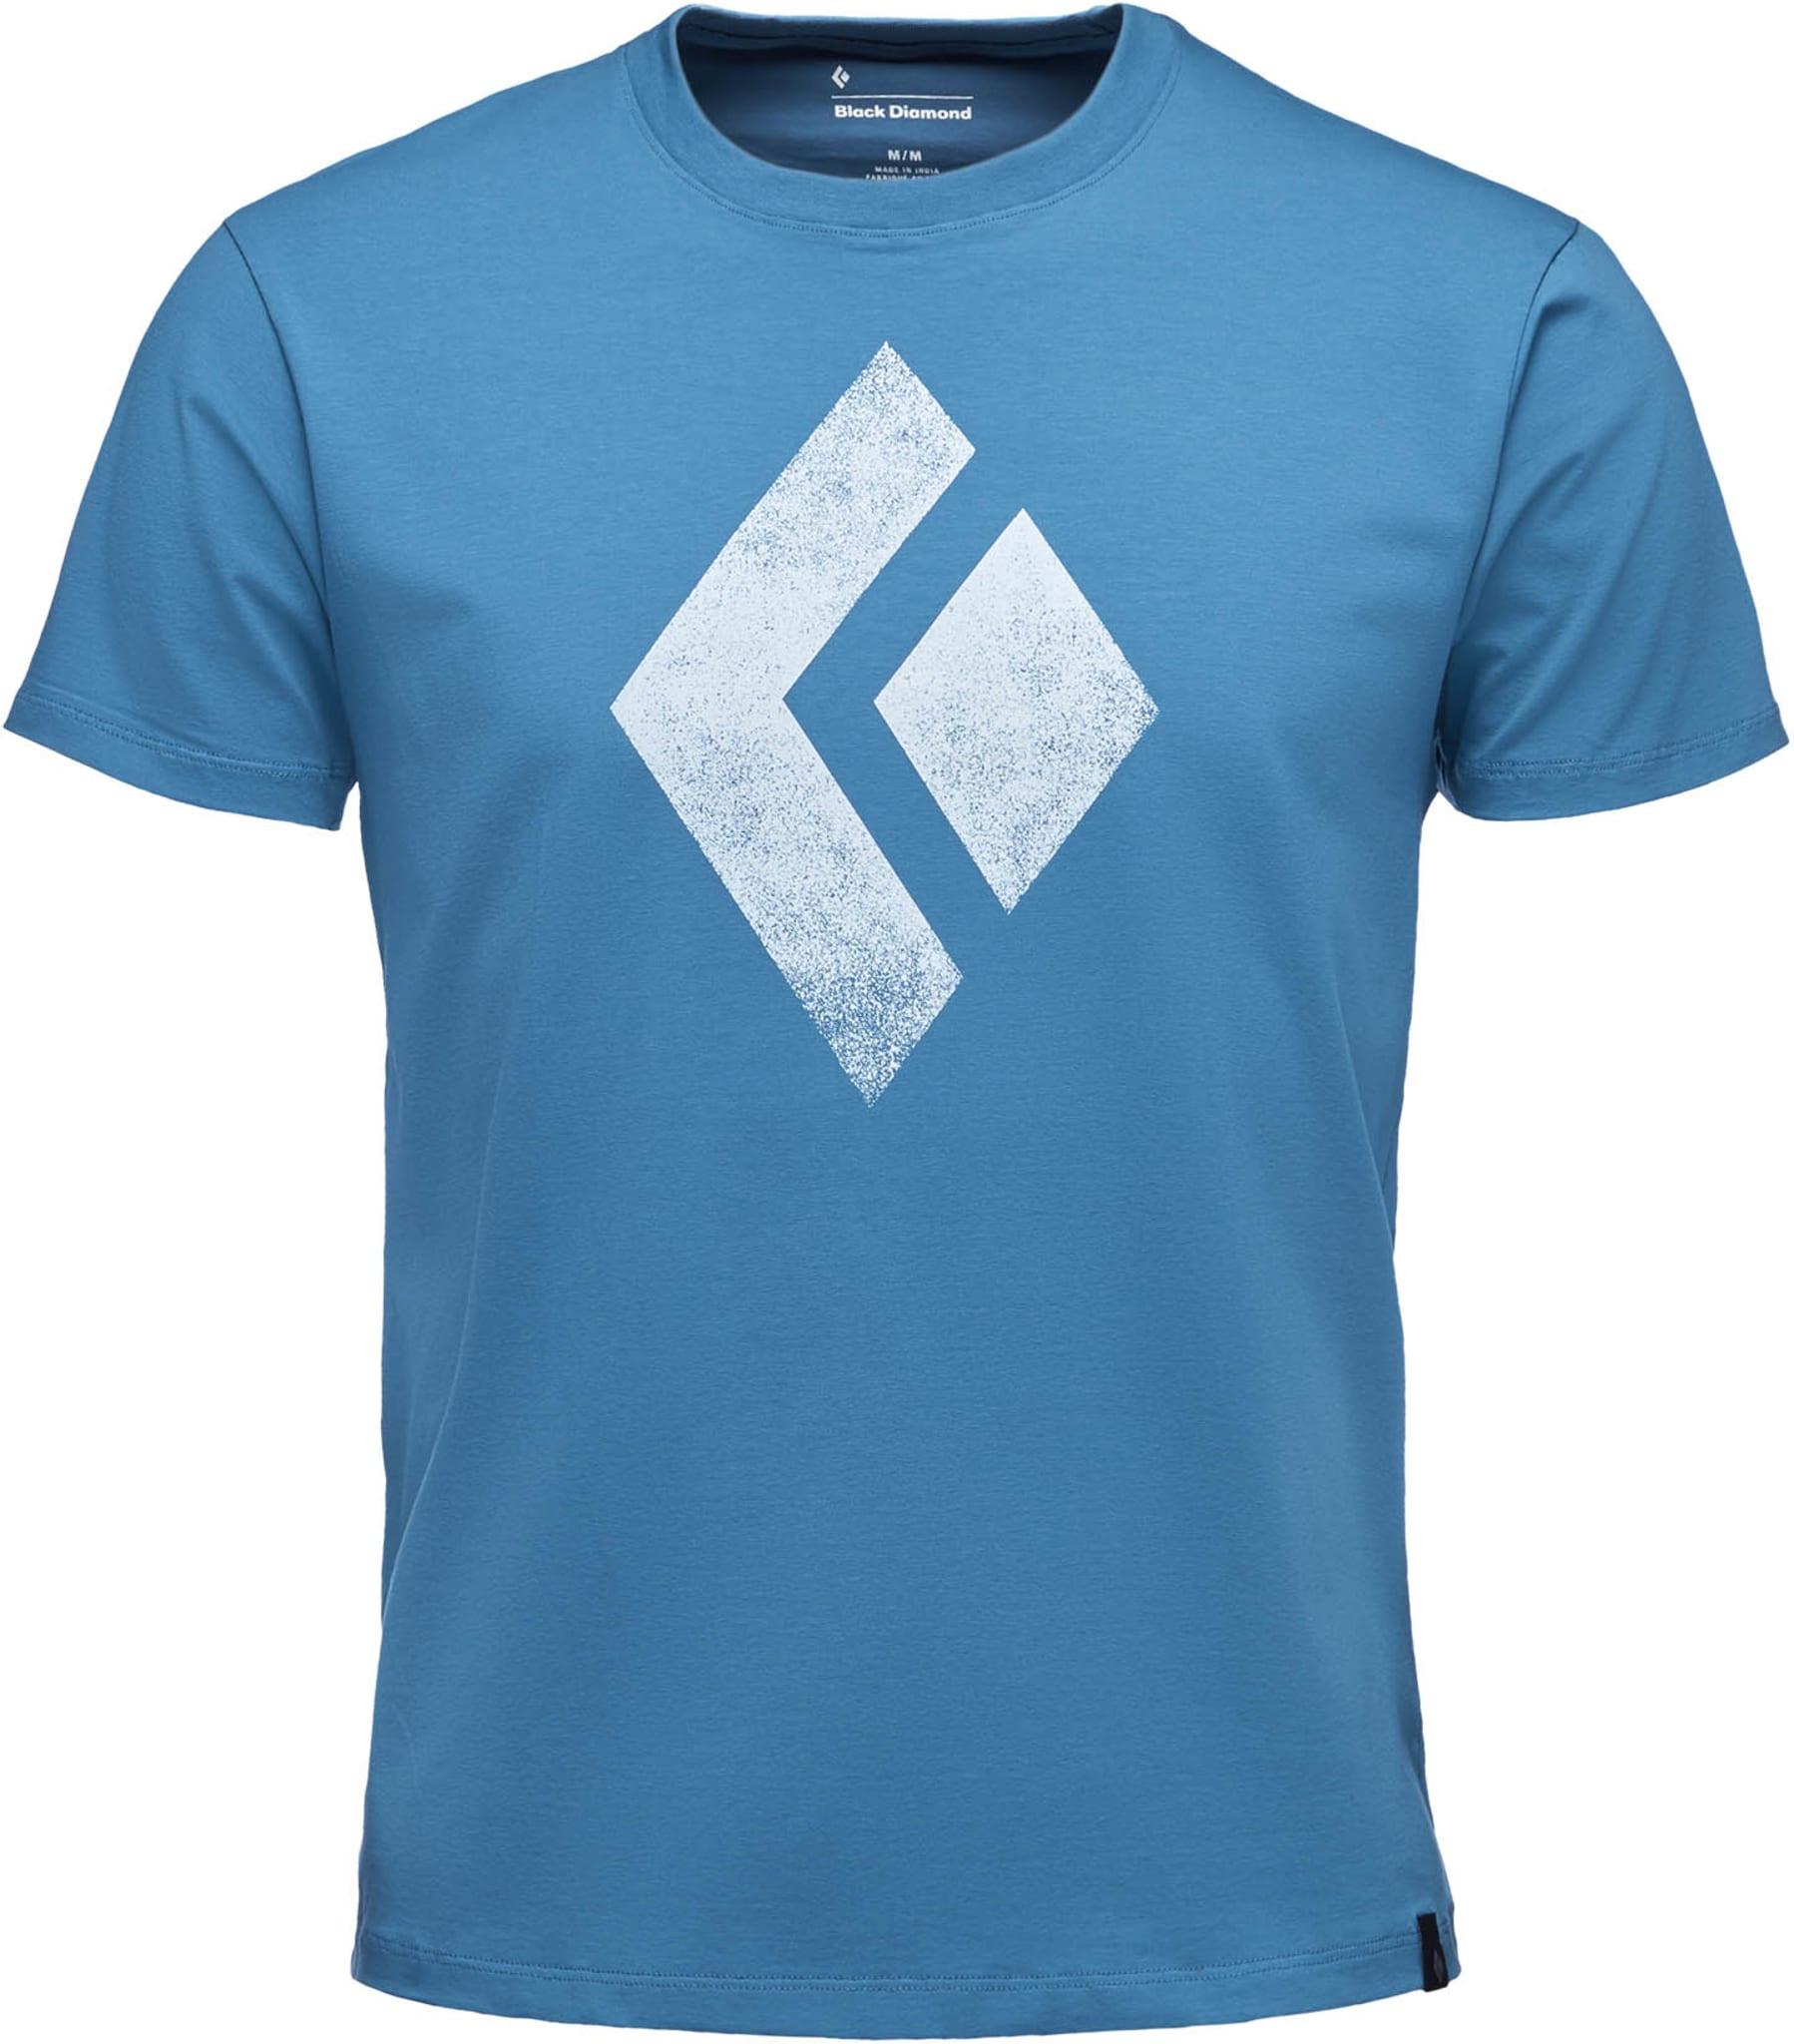 Kul BD t-skjorte